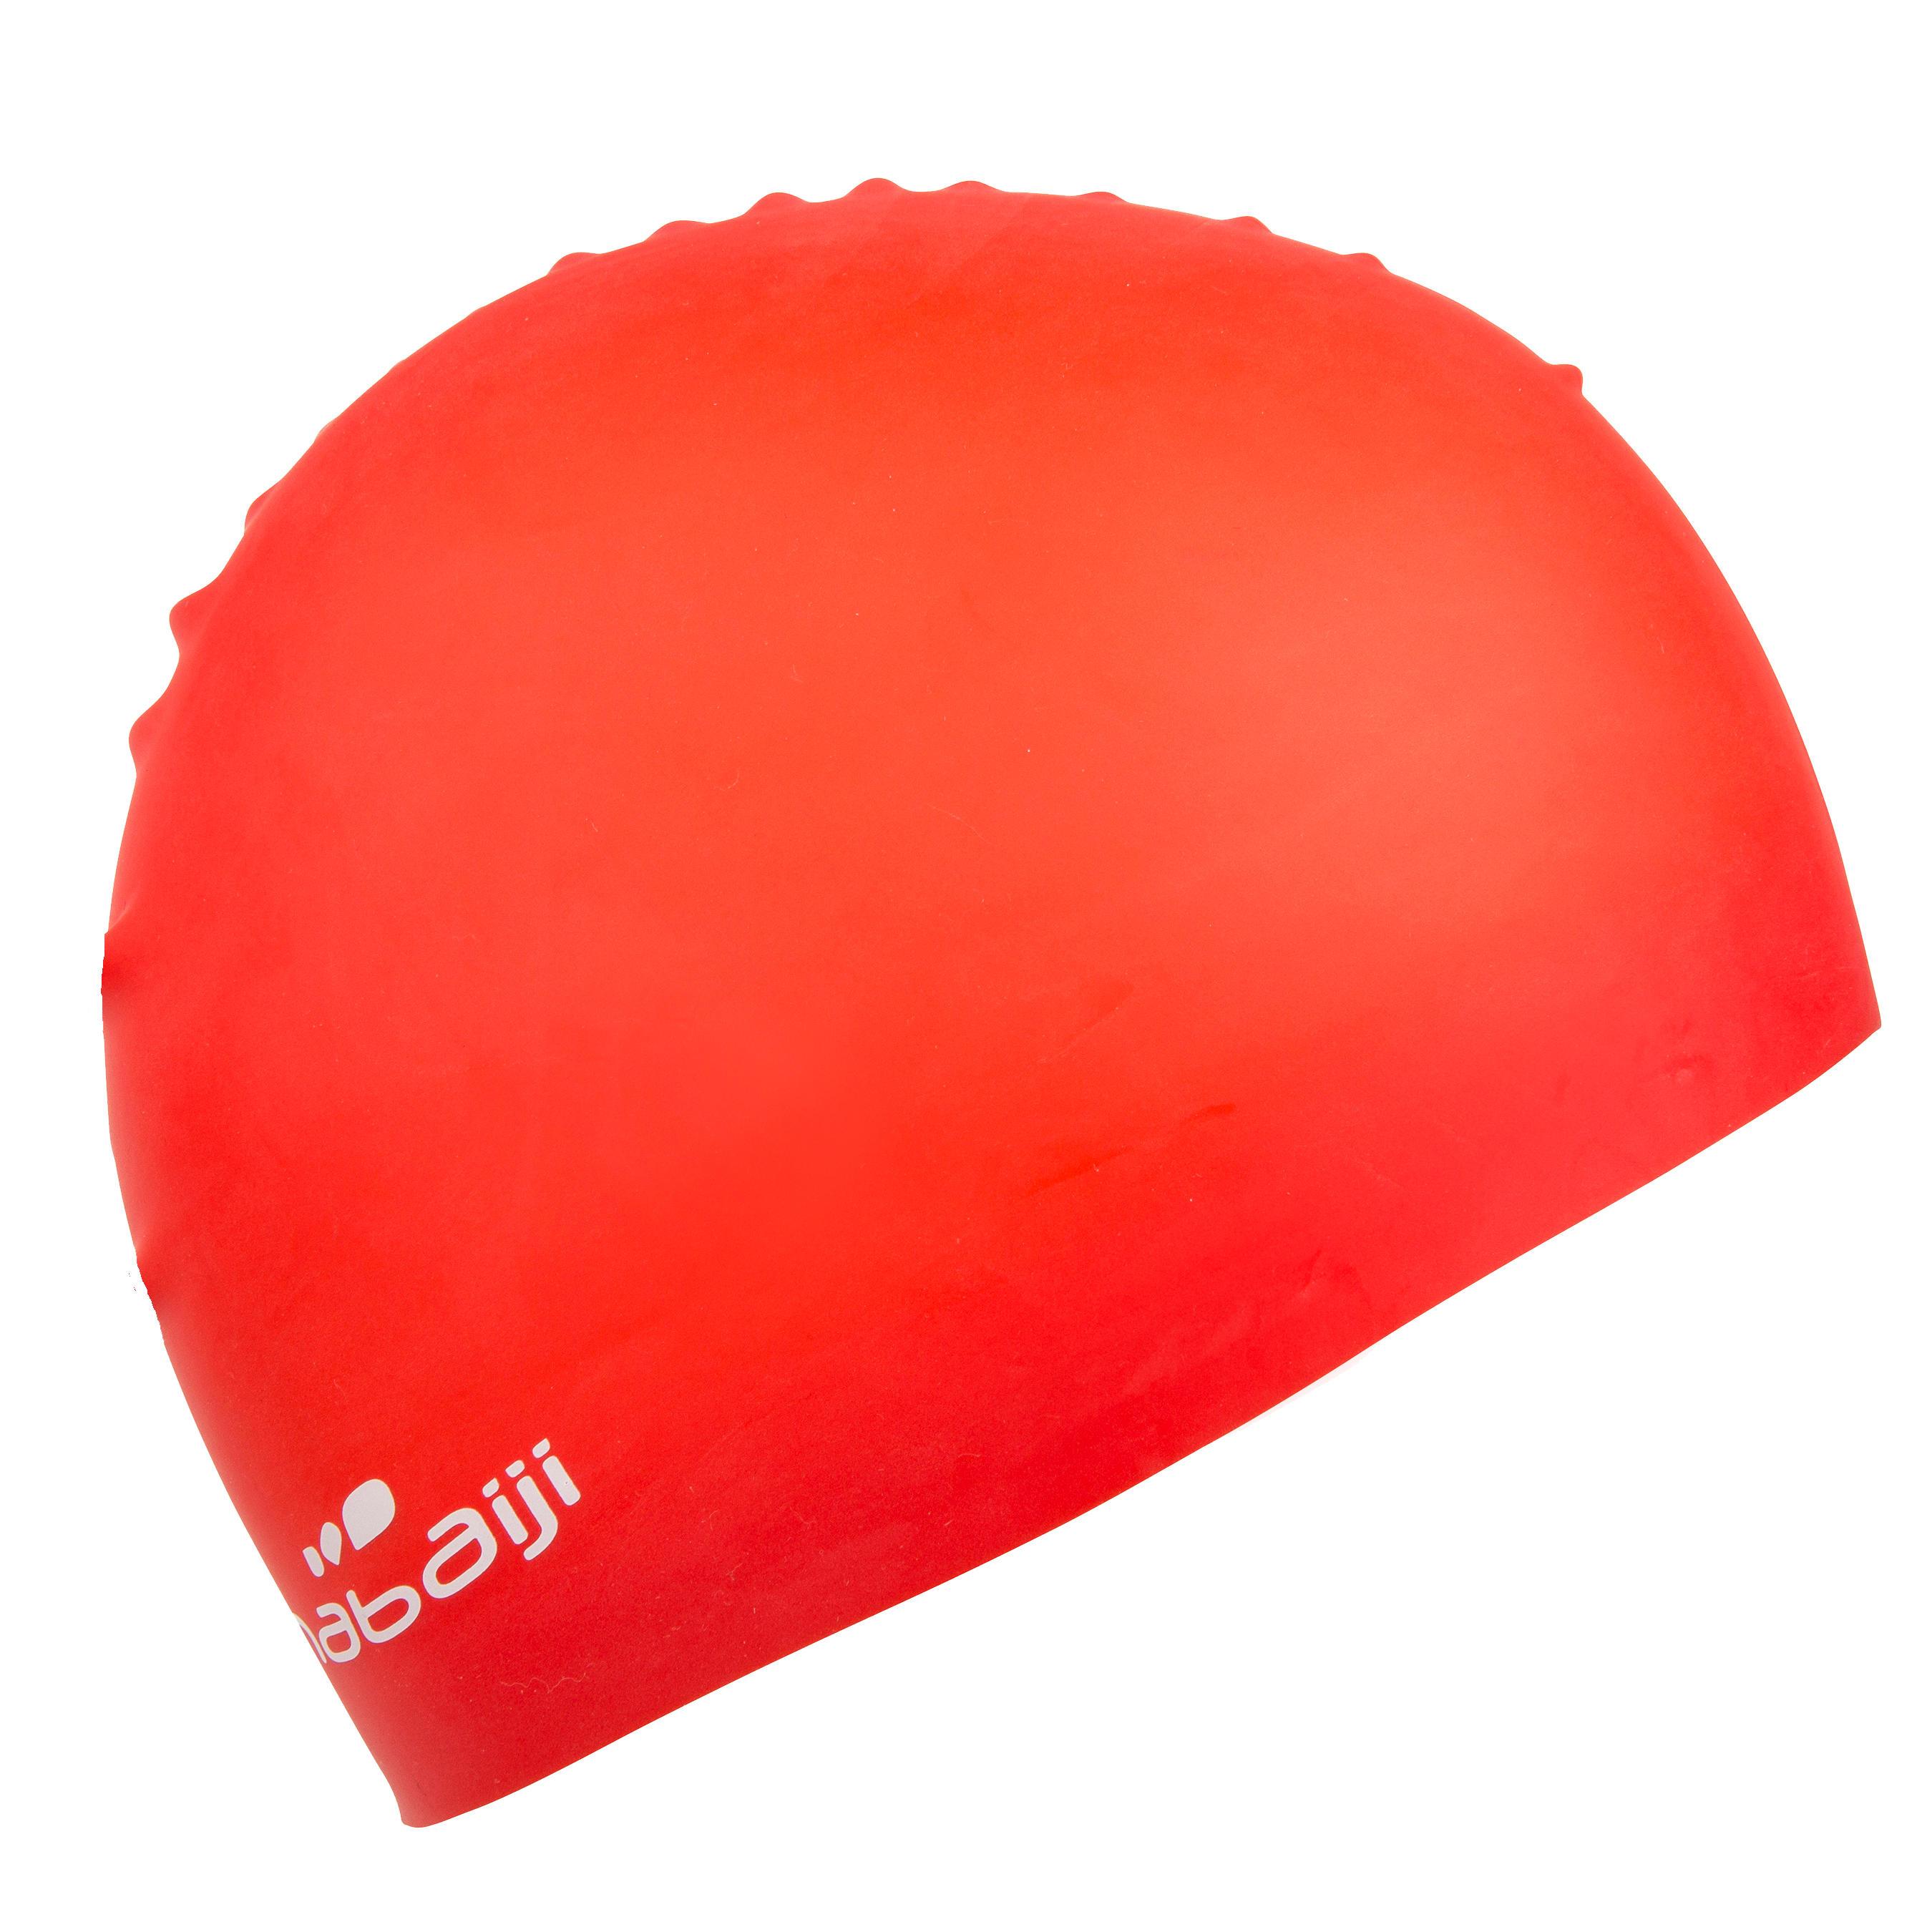 Silicone Swim Cap - Plain Red